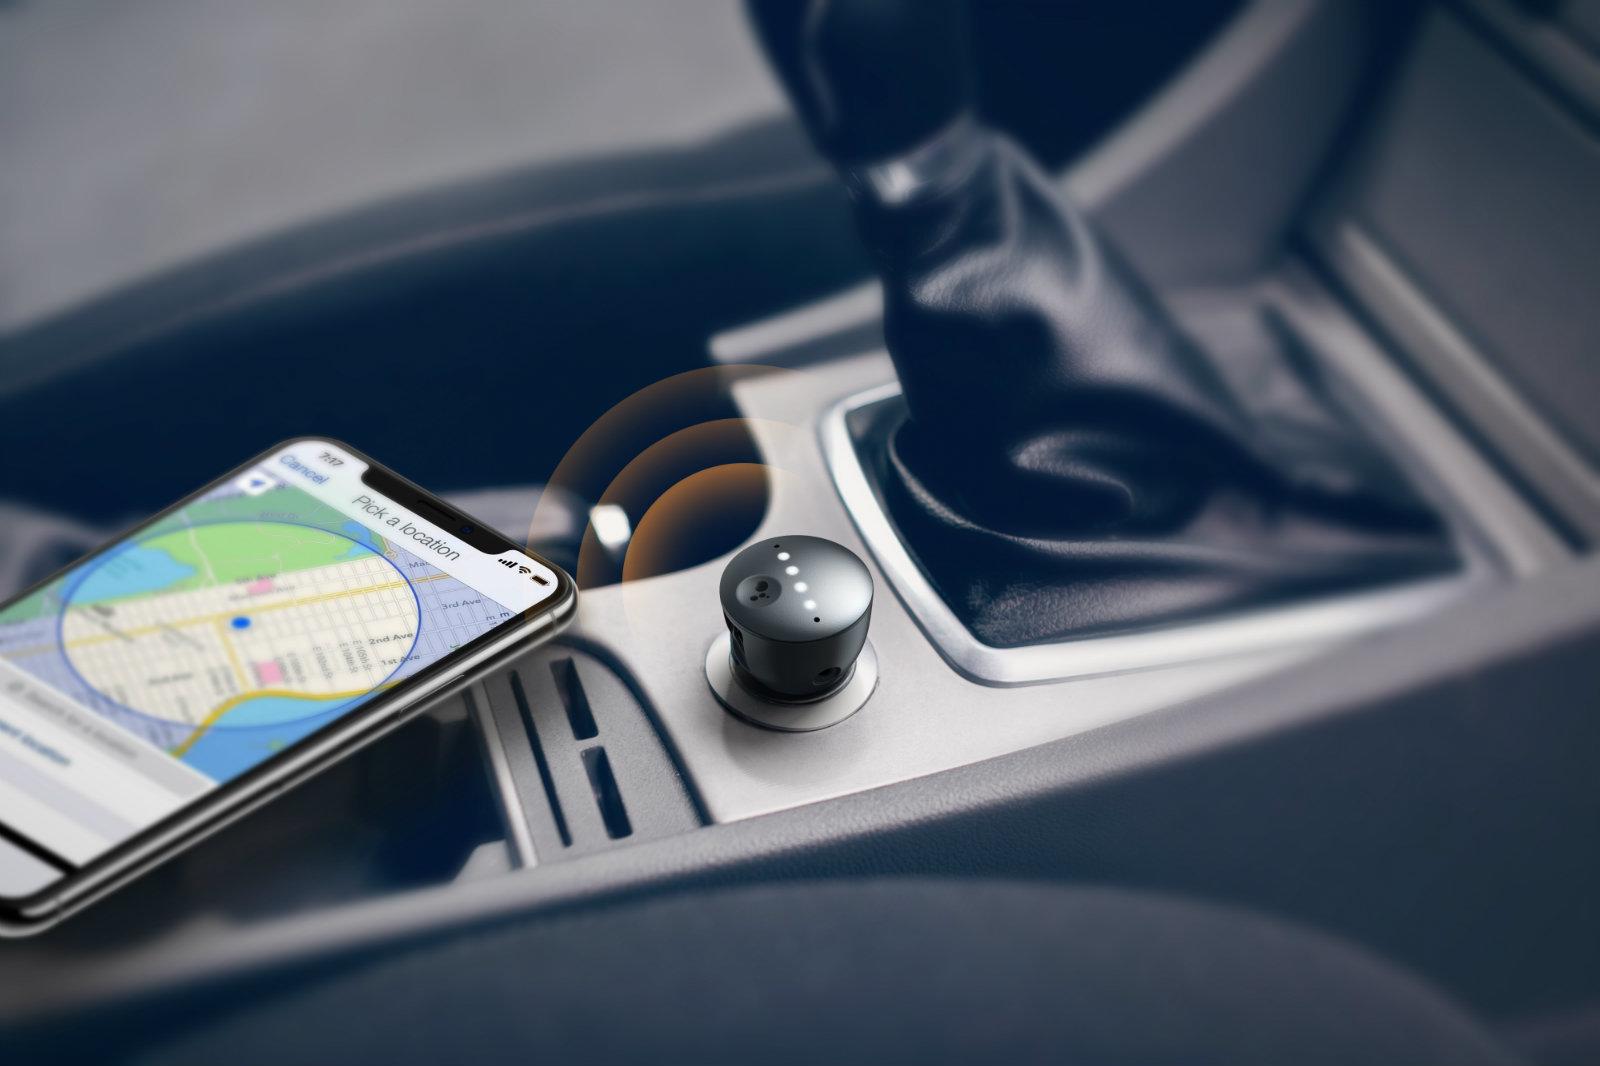 Con Roav Bolt il comando Ok Google entra in auto, anche con iPhone